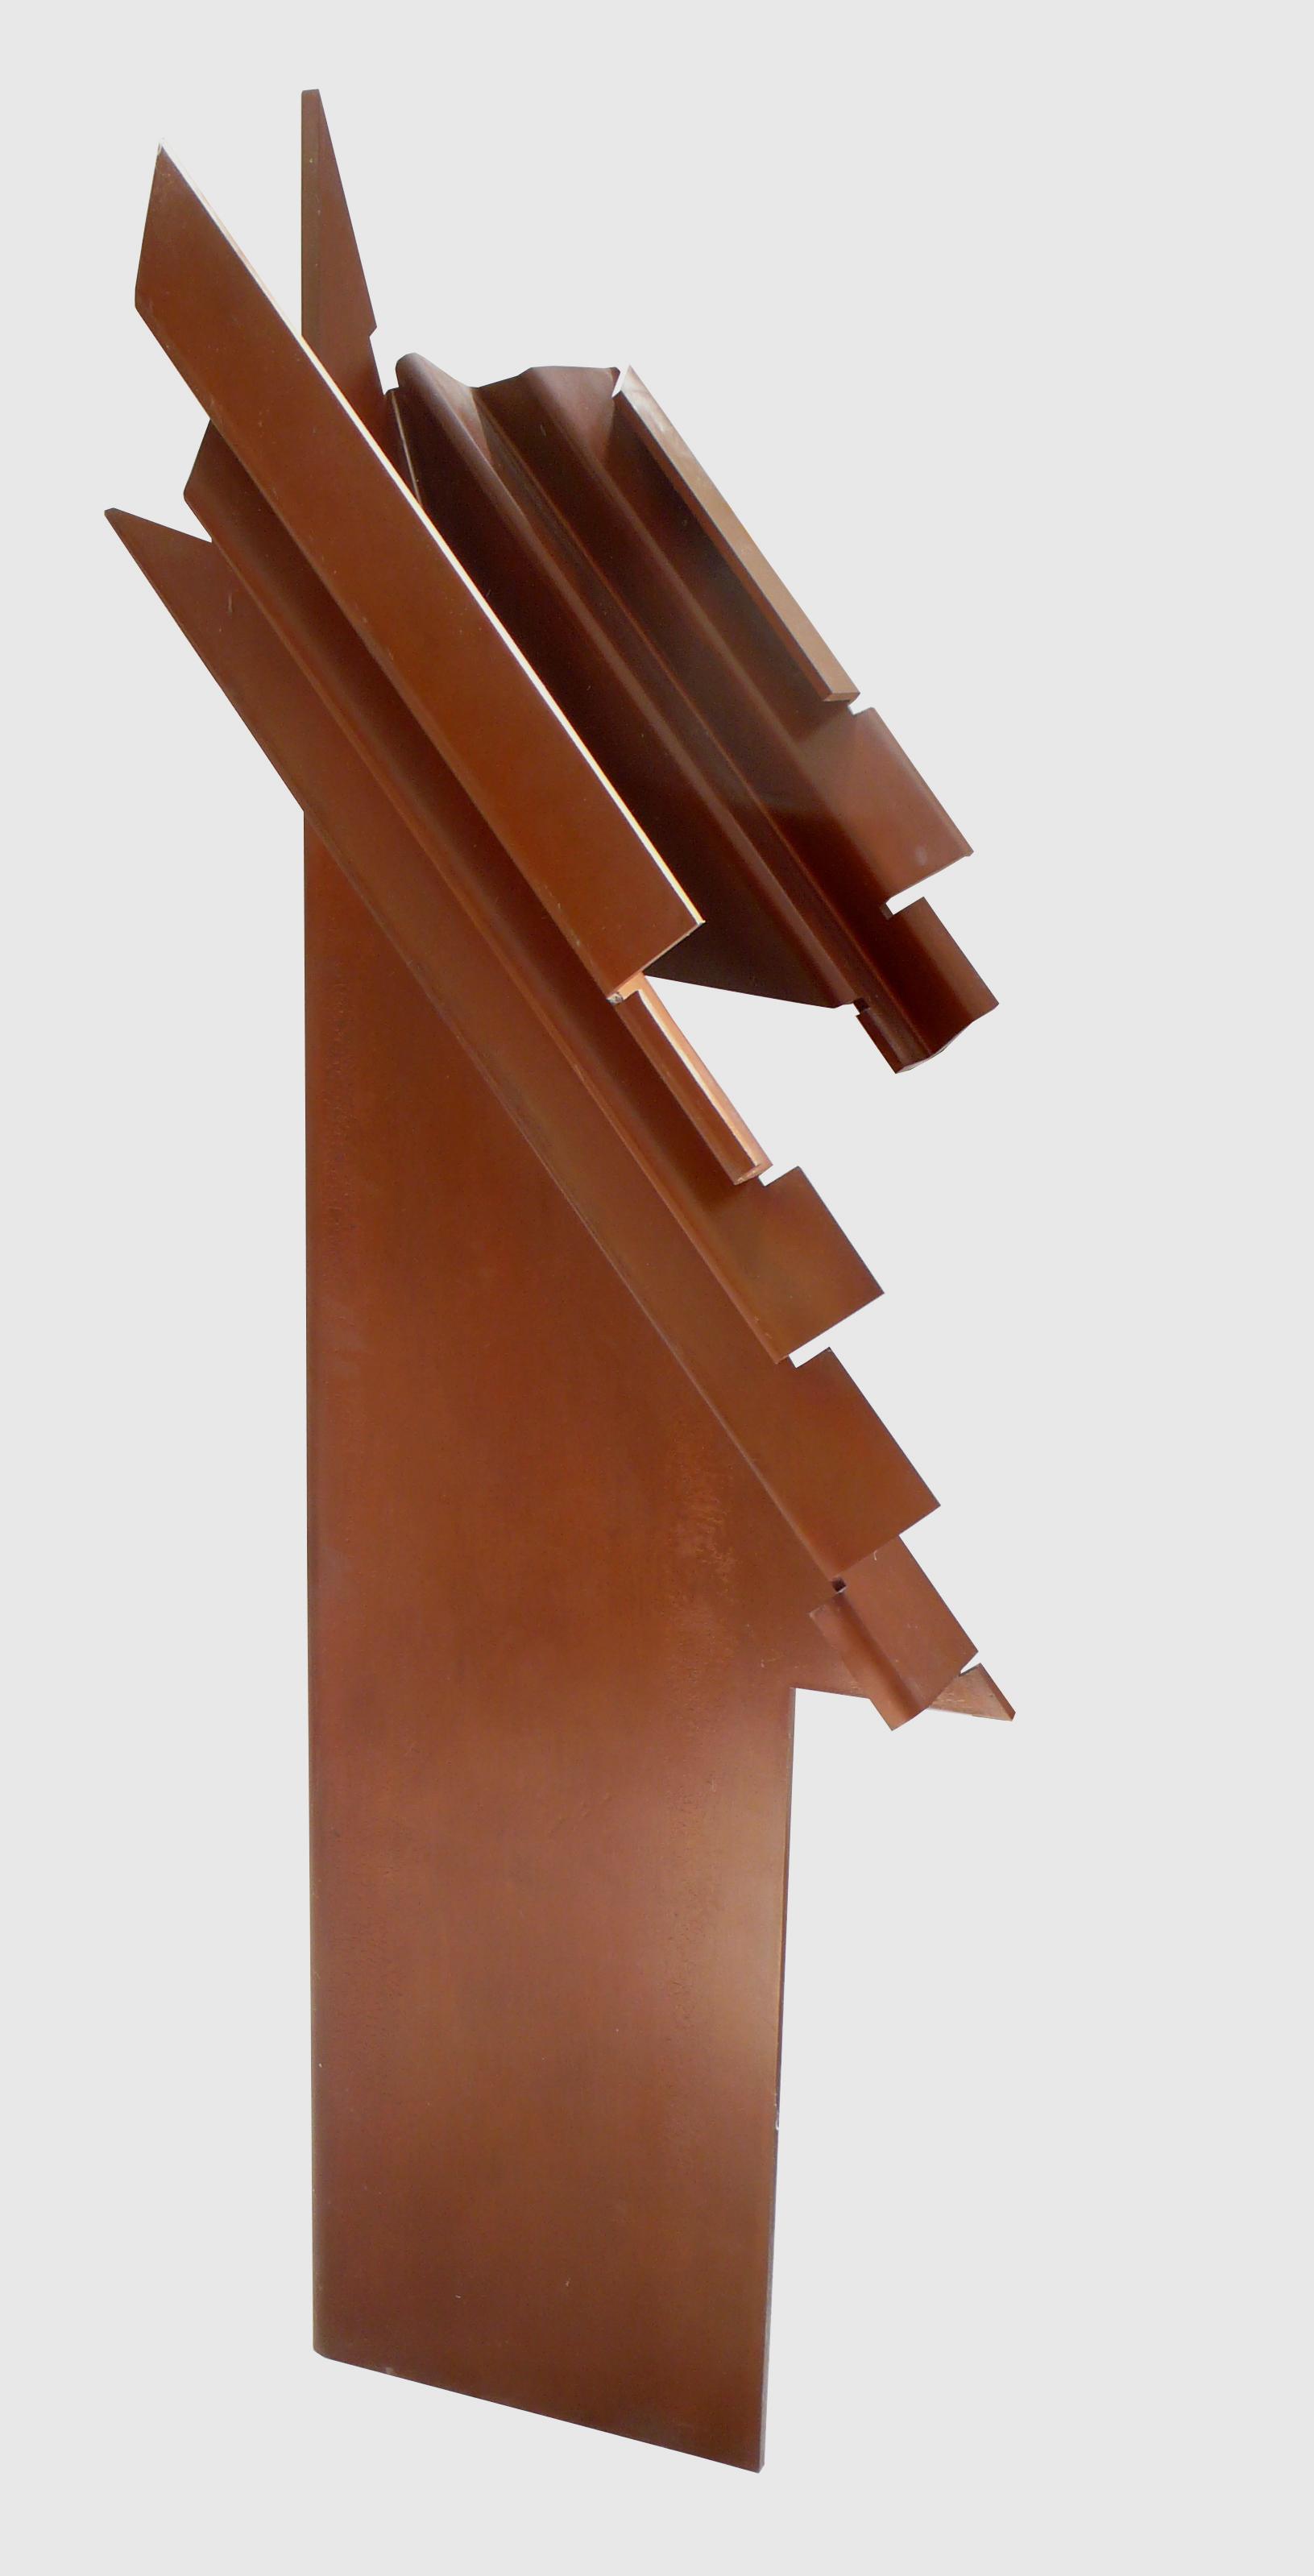 """Escultura """"Toltec VII"""" de Pablo Palazuelo. Acero corten. 1987"""